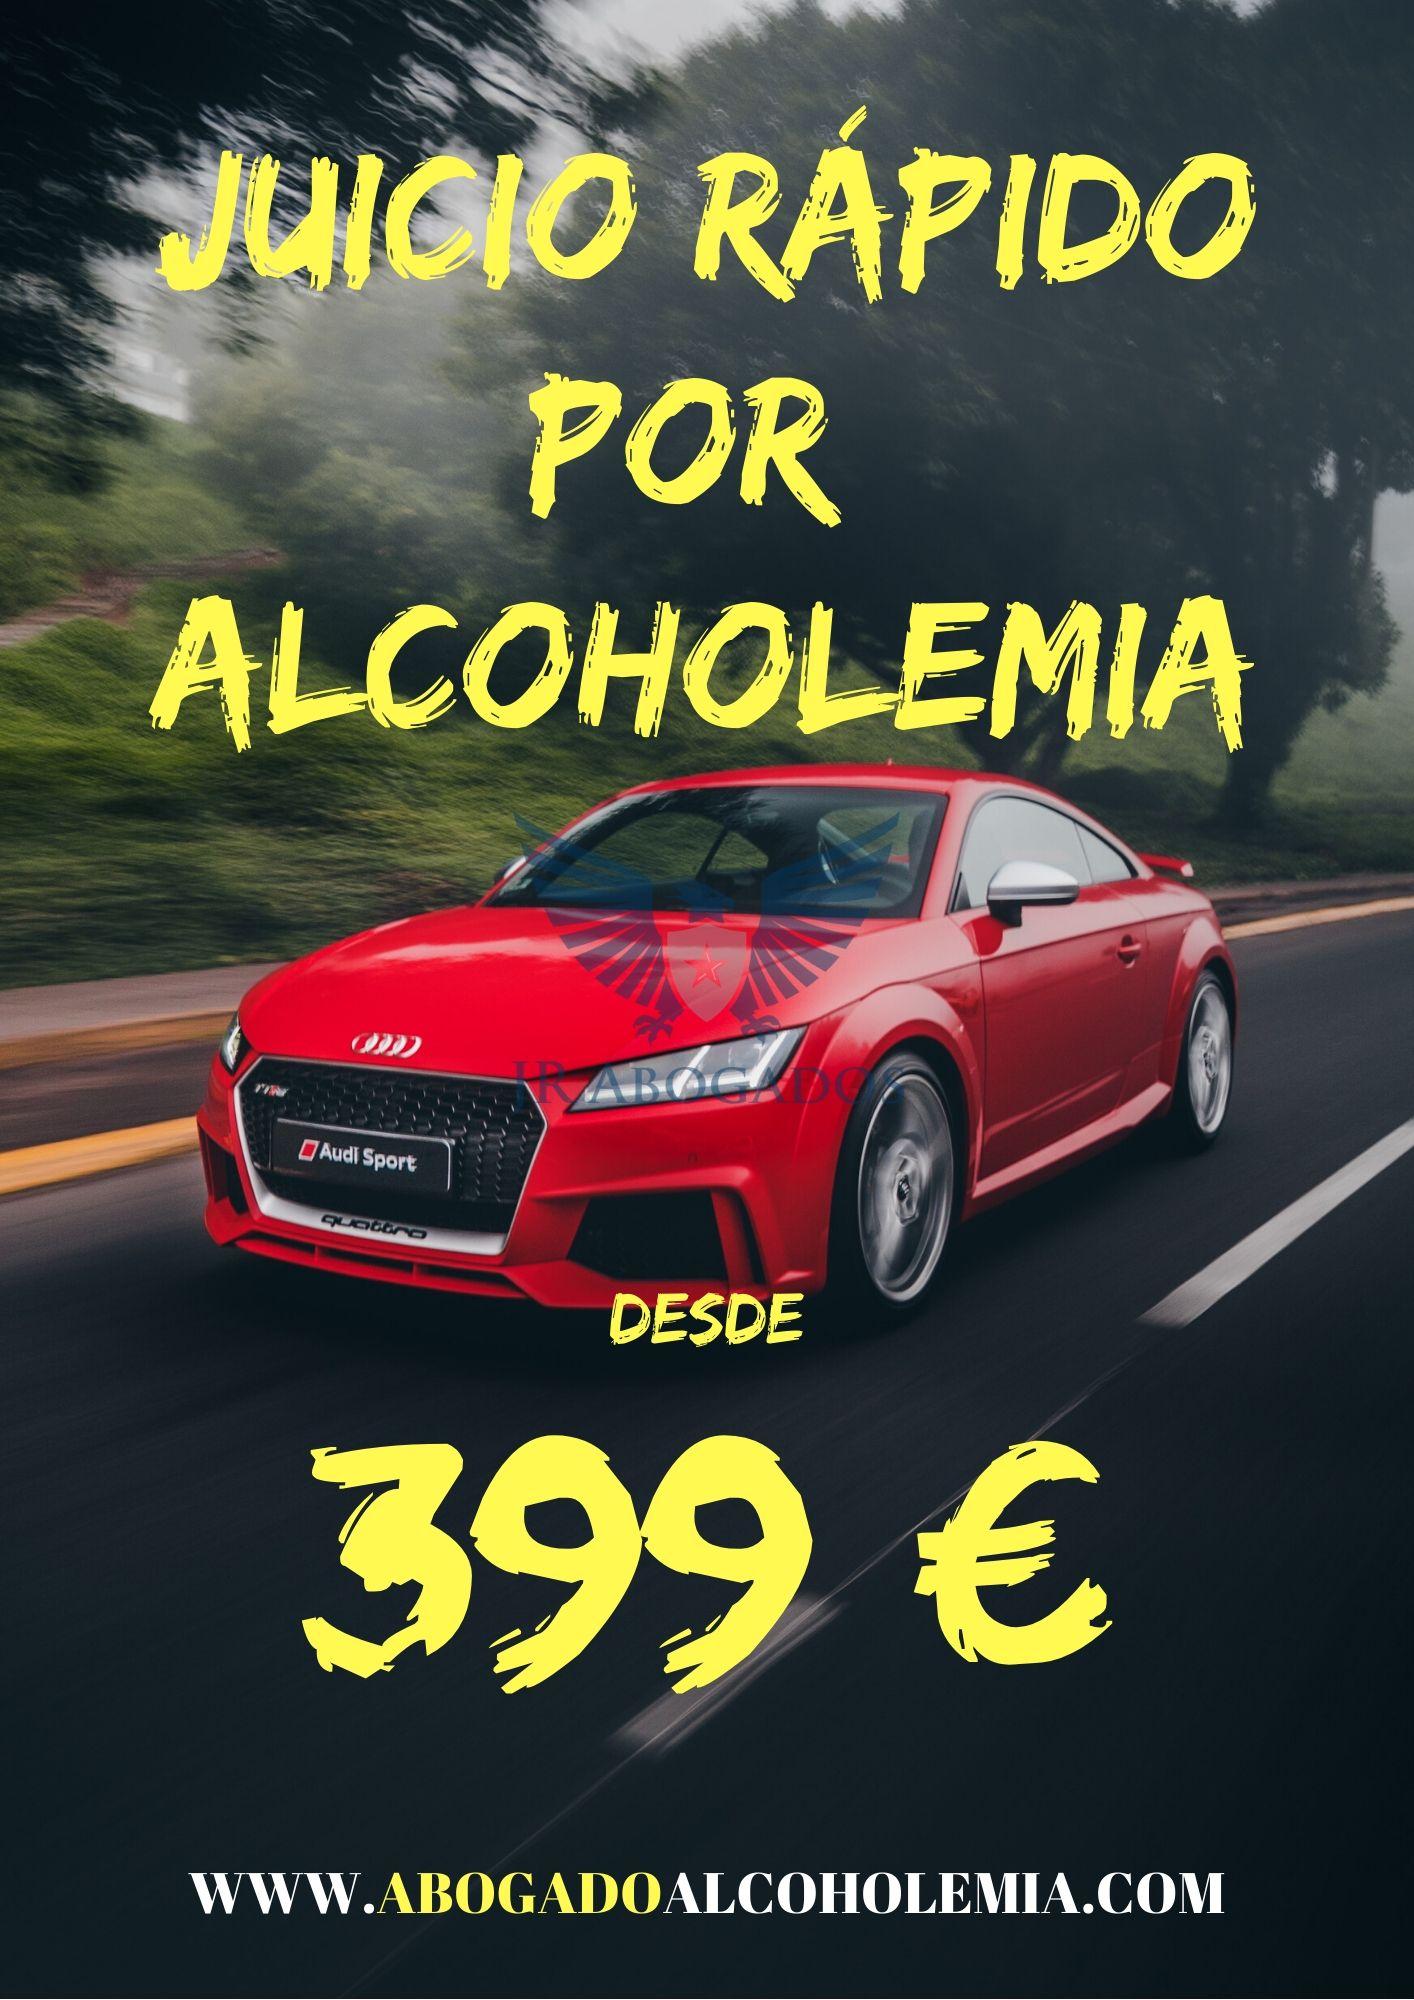 juicio rapido por alcoholemia